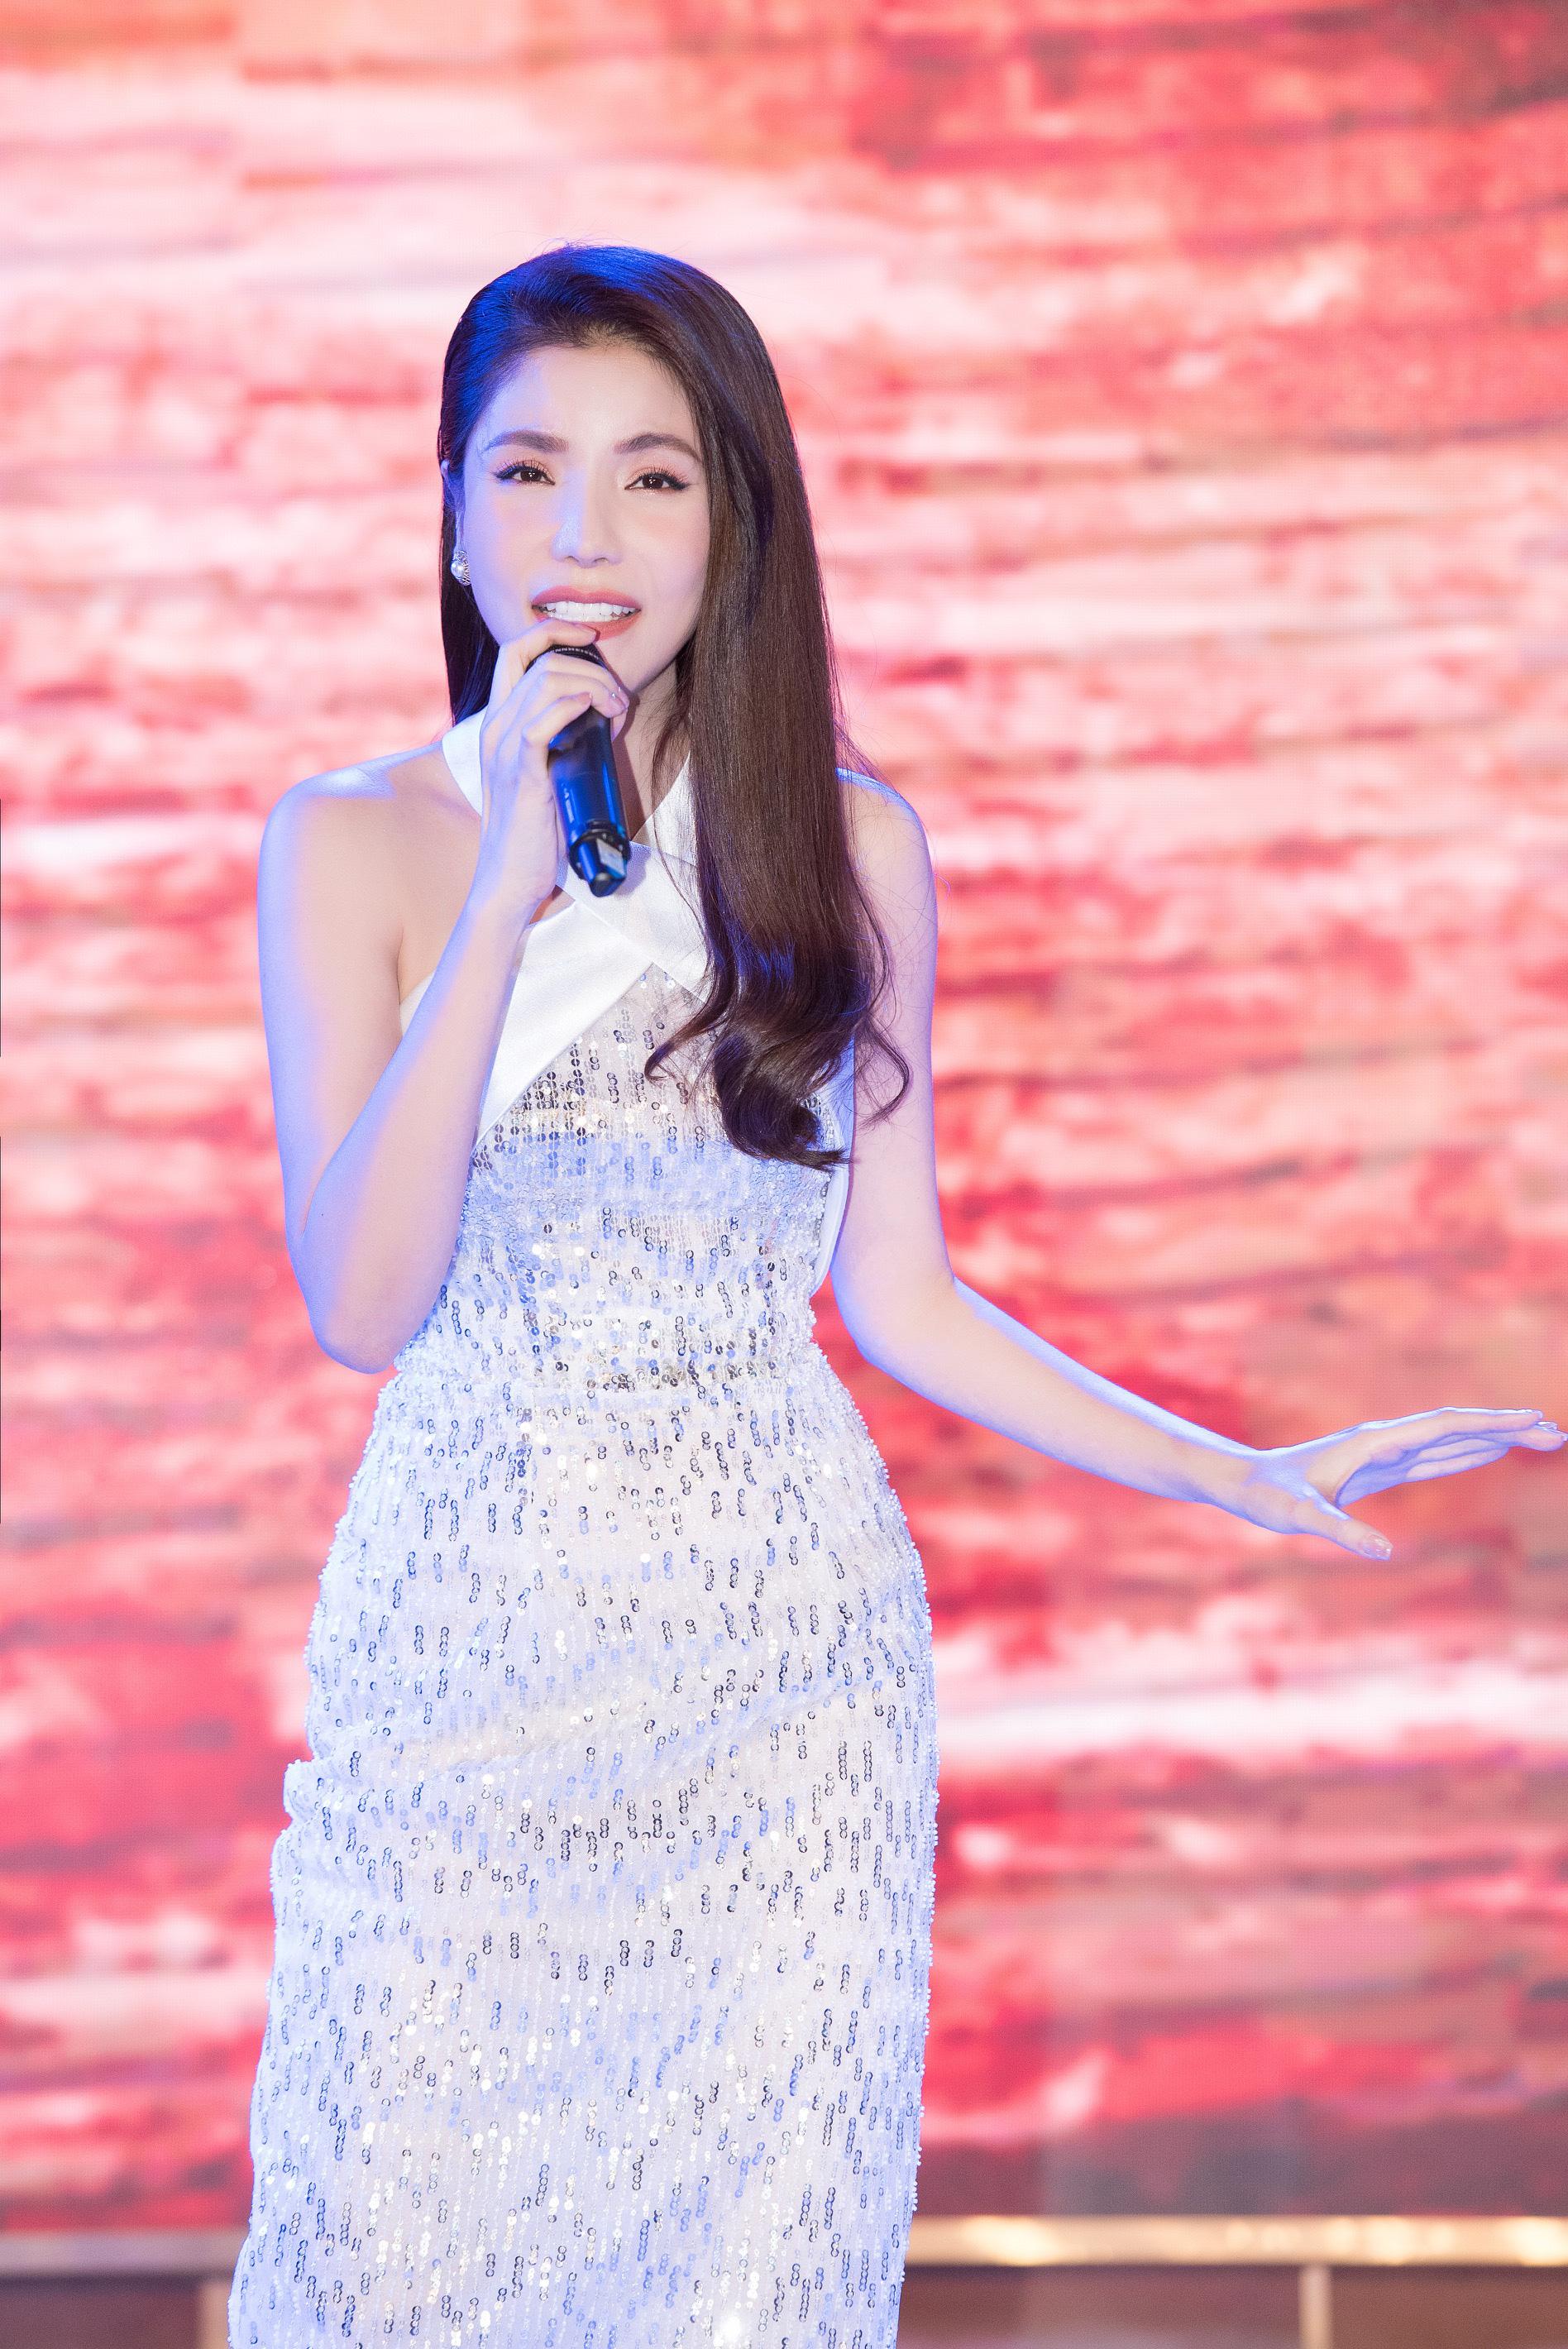 Quang Hà học Kiwi Ngô Mai Trang cách hát nhẹ nhàng tình cảm - Ảnh 4.